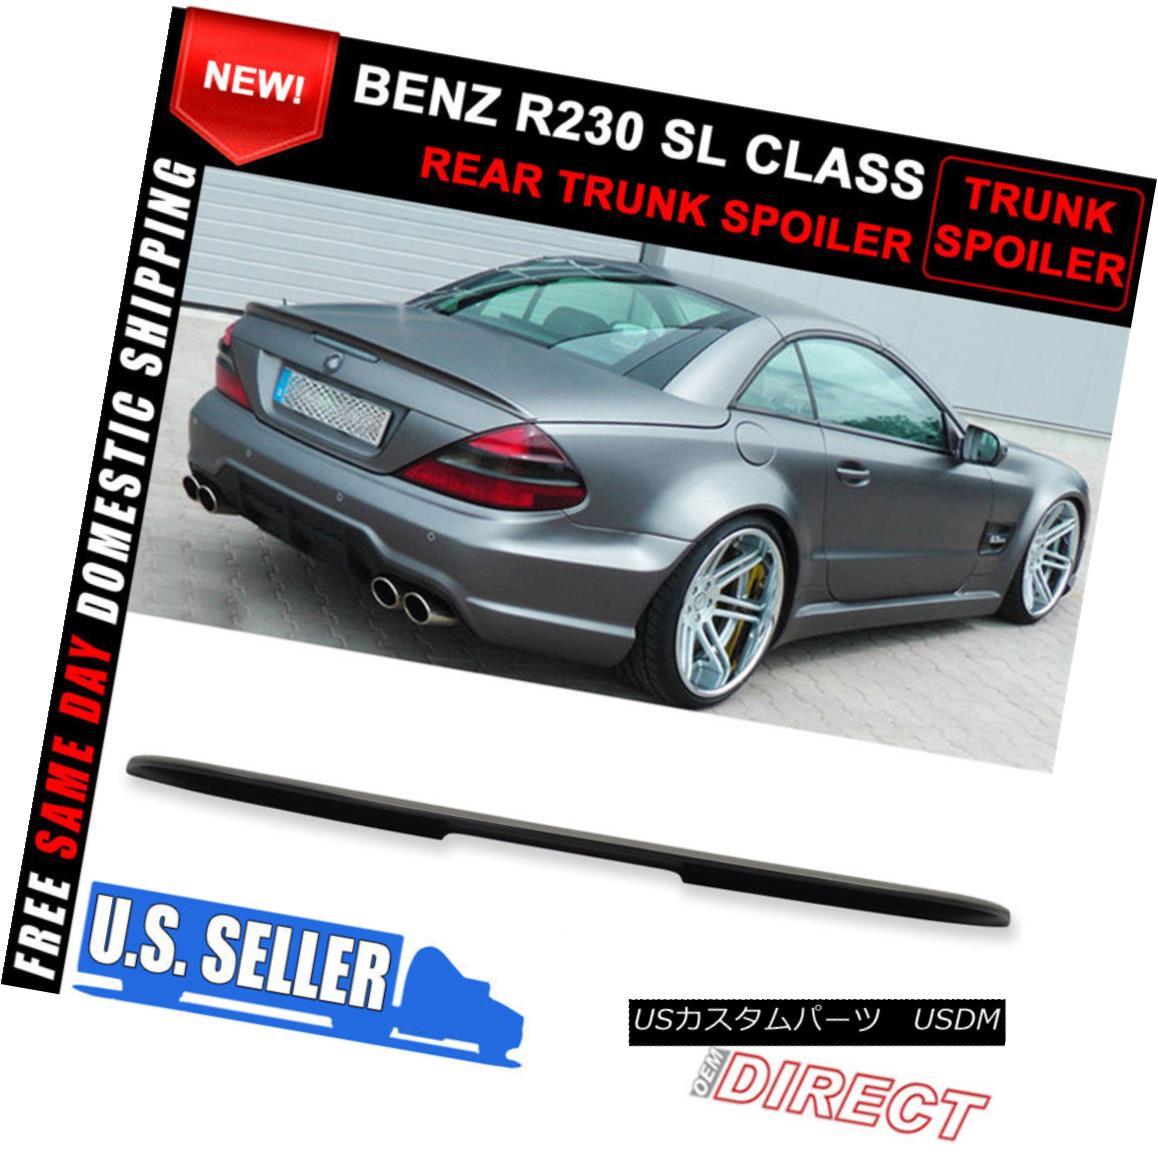 エアロパーツ 03-11 Benz Sl-Class R230 AMG Style ABS Unpainted Trunk Spoiler 03-11ベンツS1クラスR230 AMGスタイルABS無塗装トランク・スポイラー